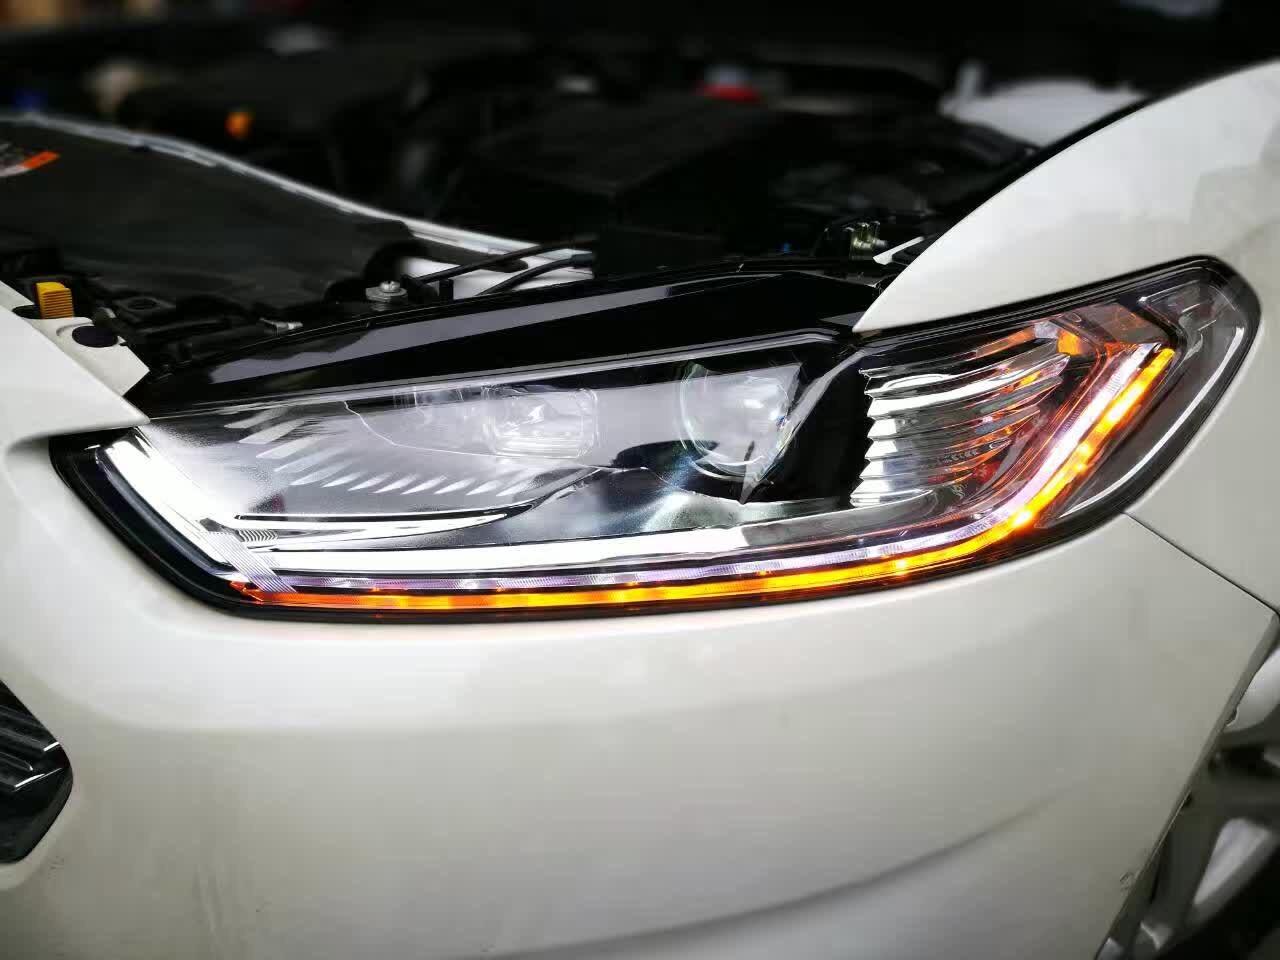 福特新蒙迪欧改流光溢彩大灯总成